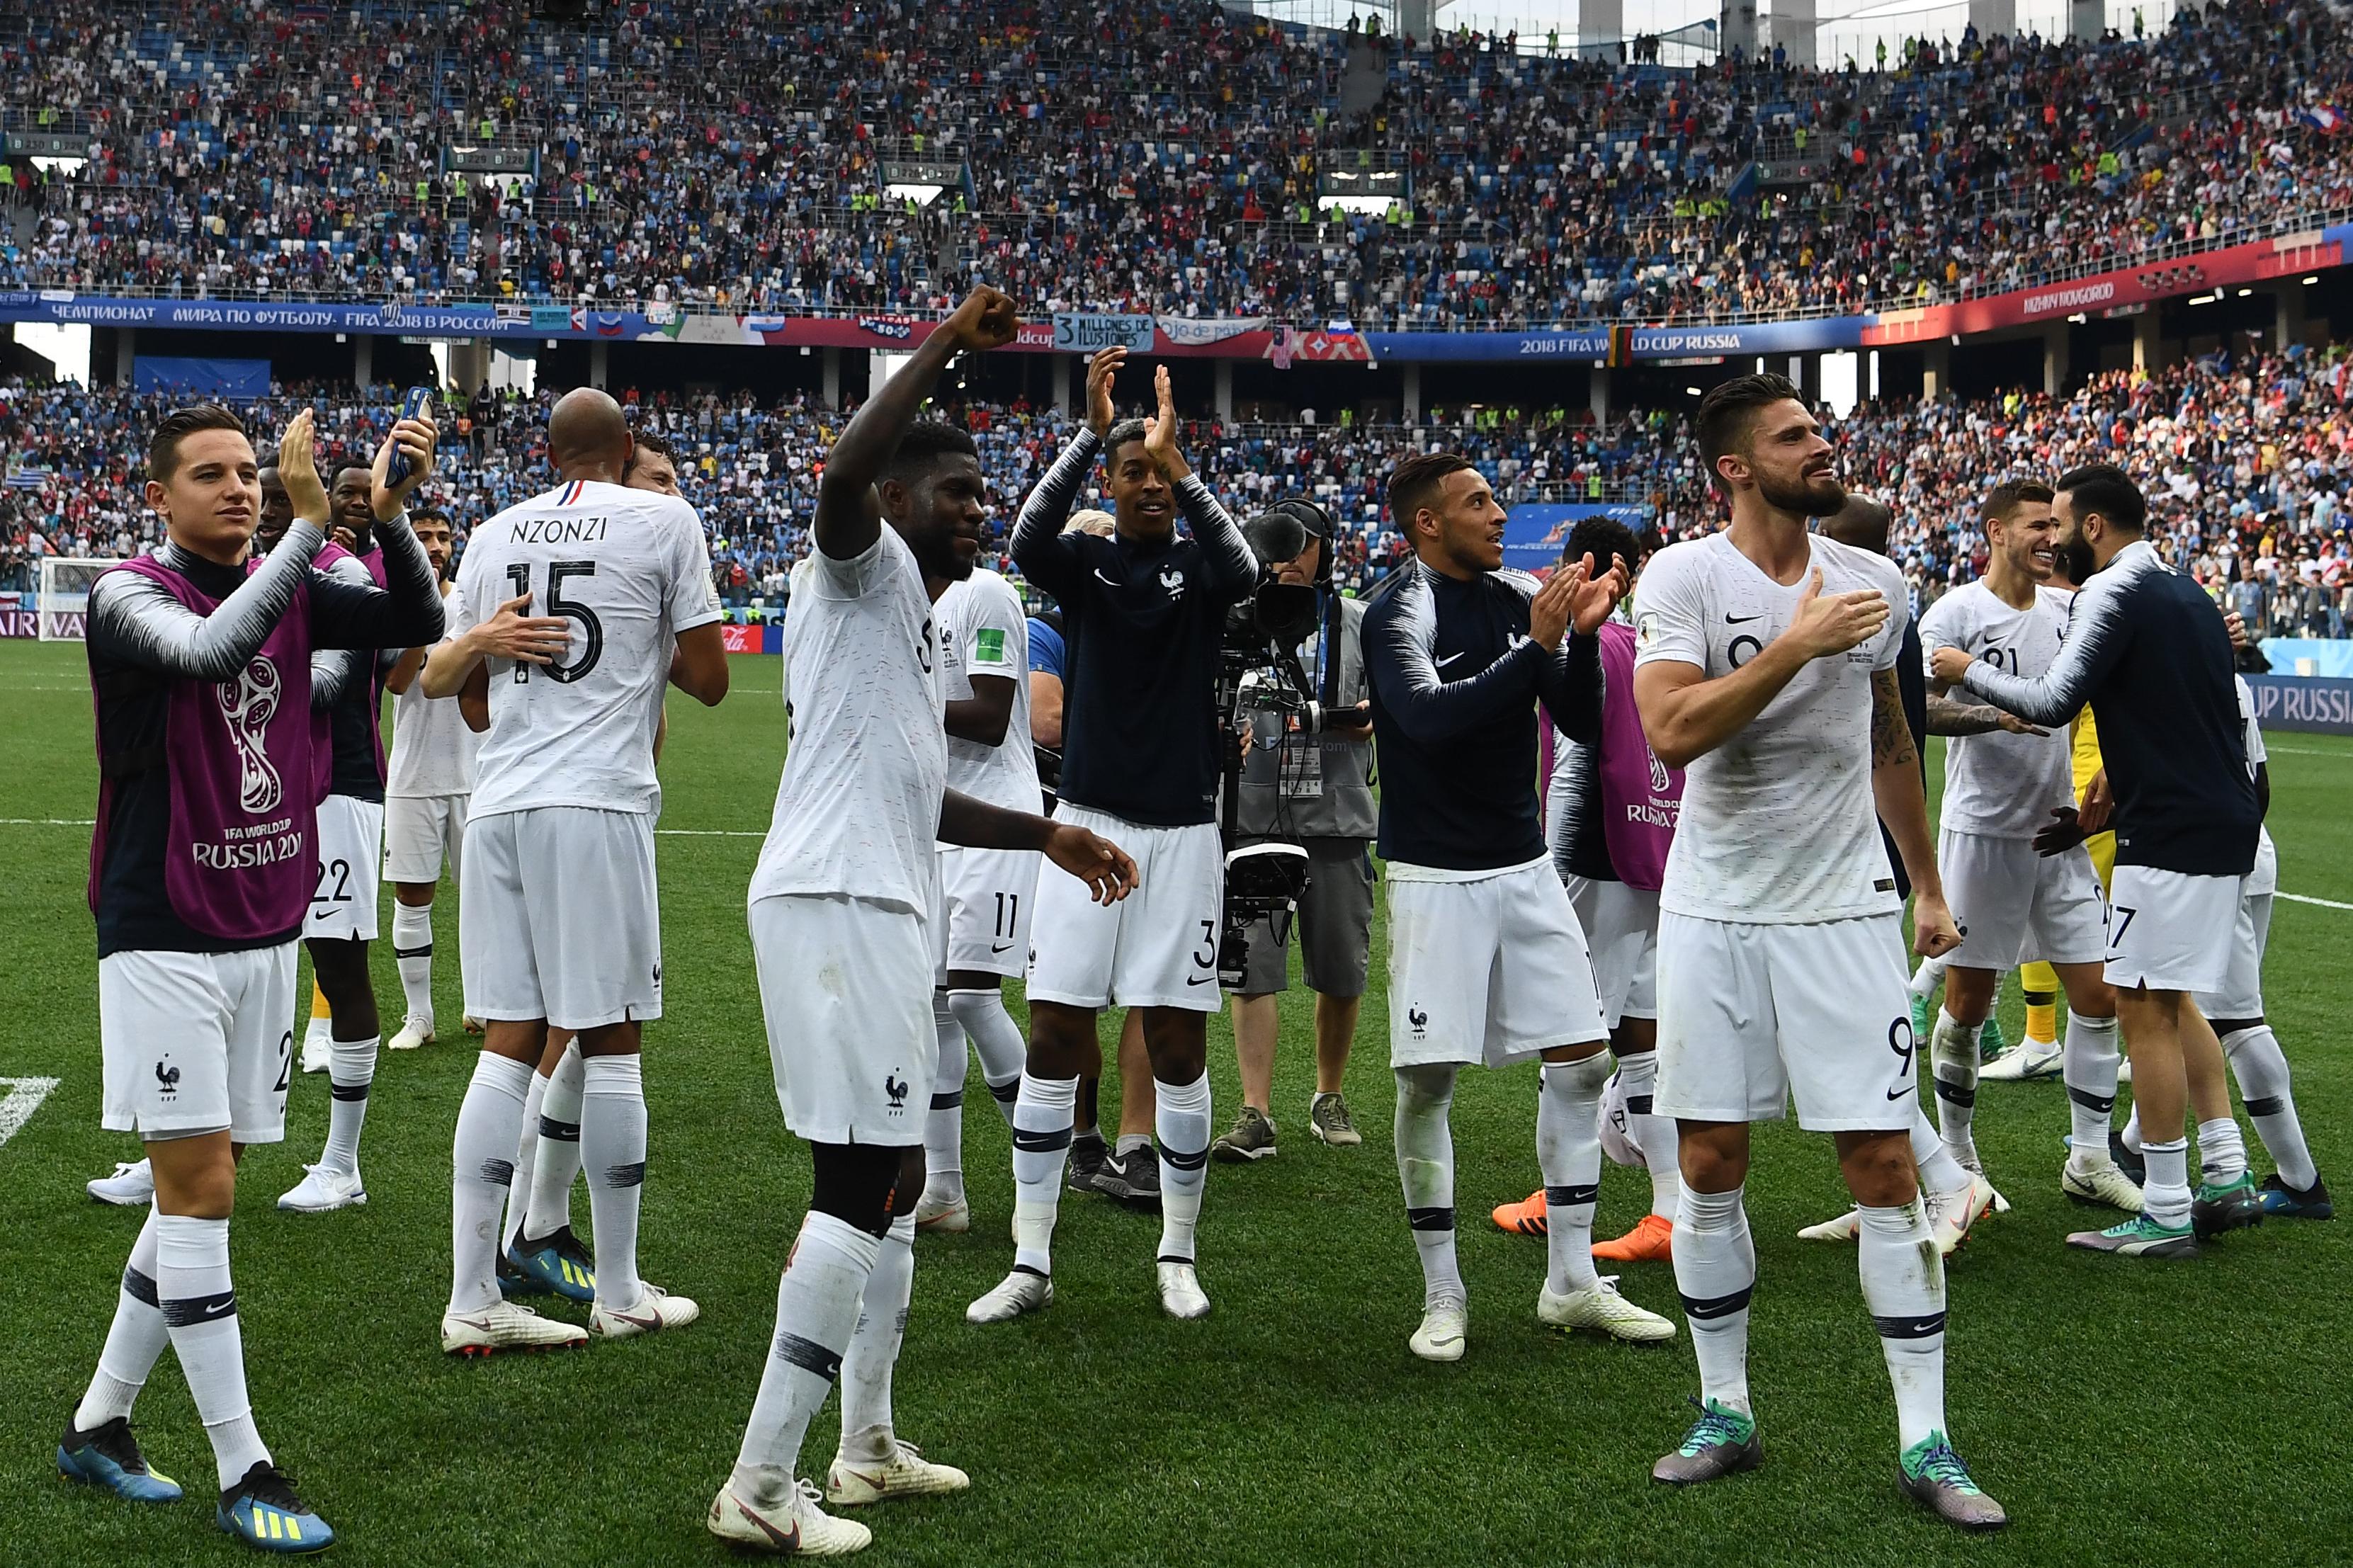 שחקני נבחרת צרפת חוגגים את ההעפלה לחצי הגמר